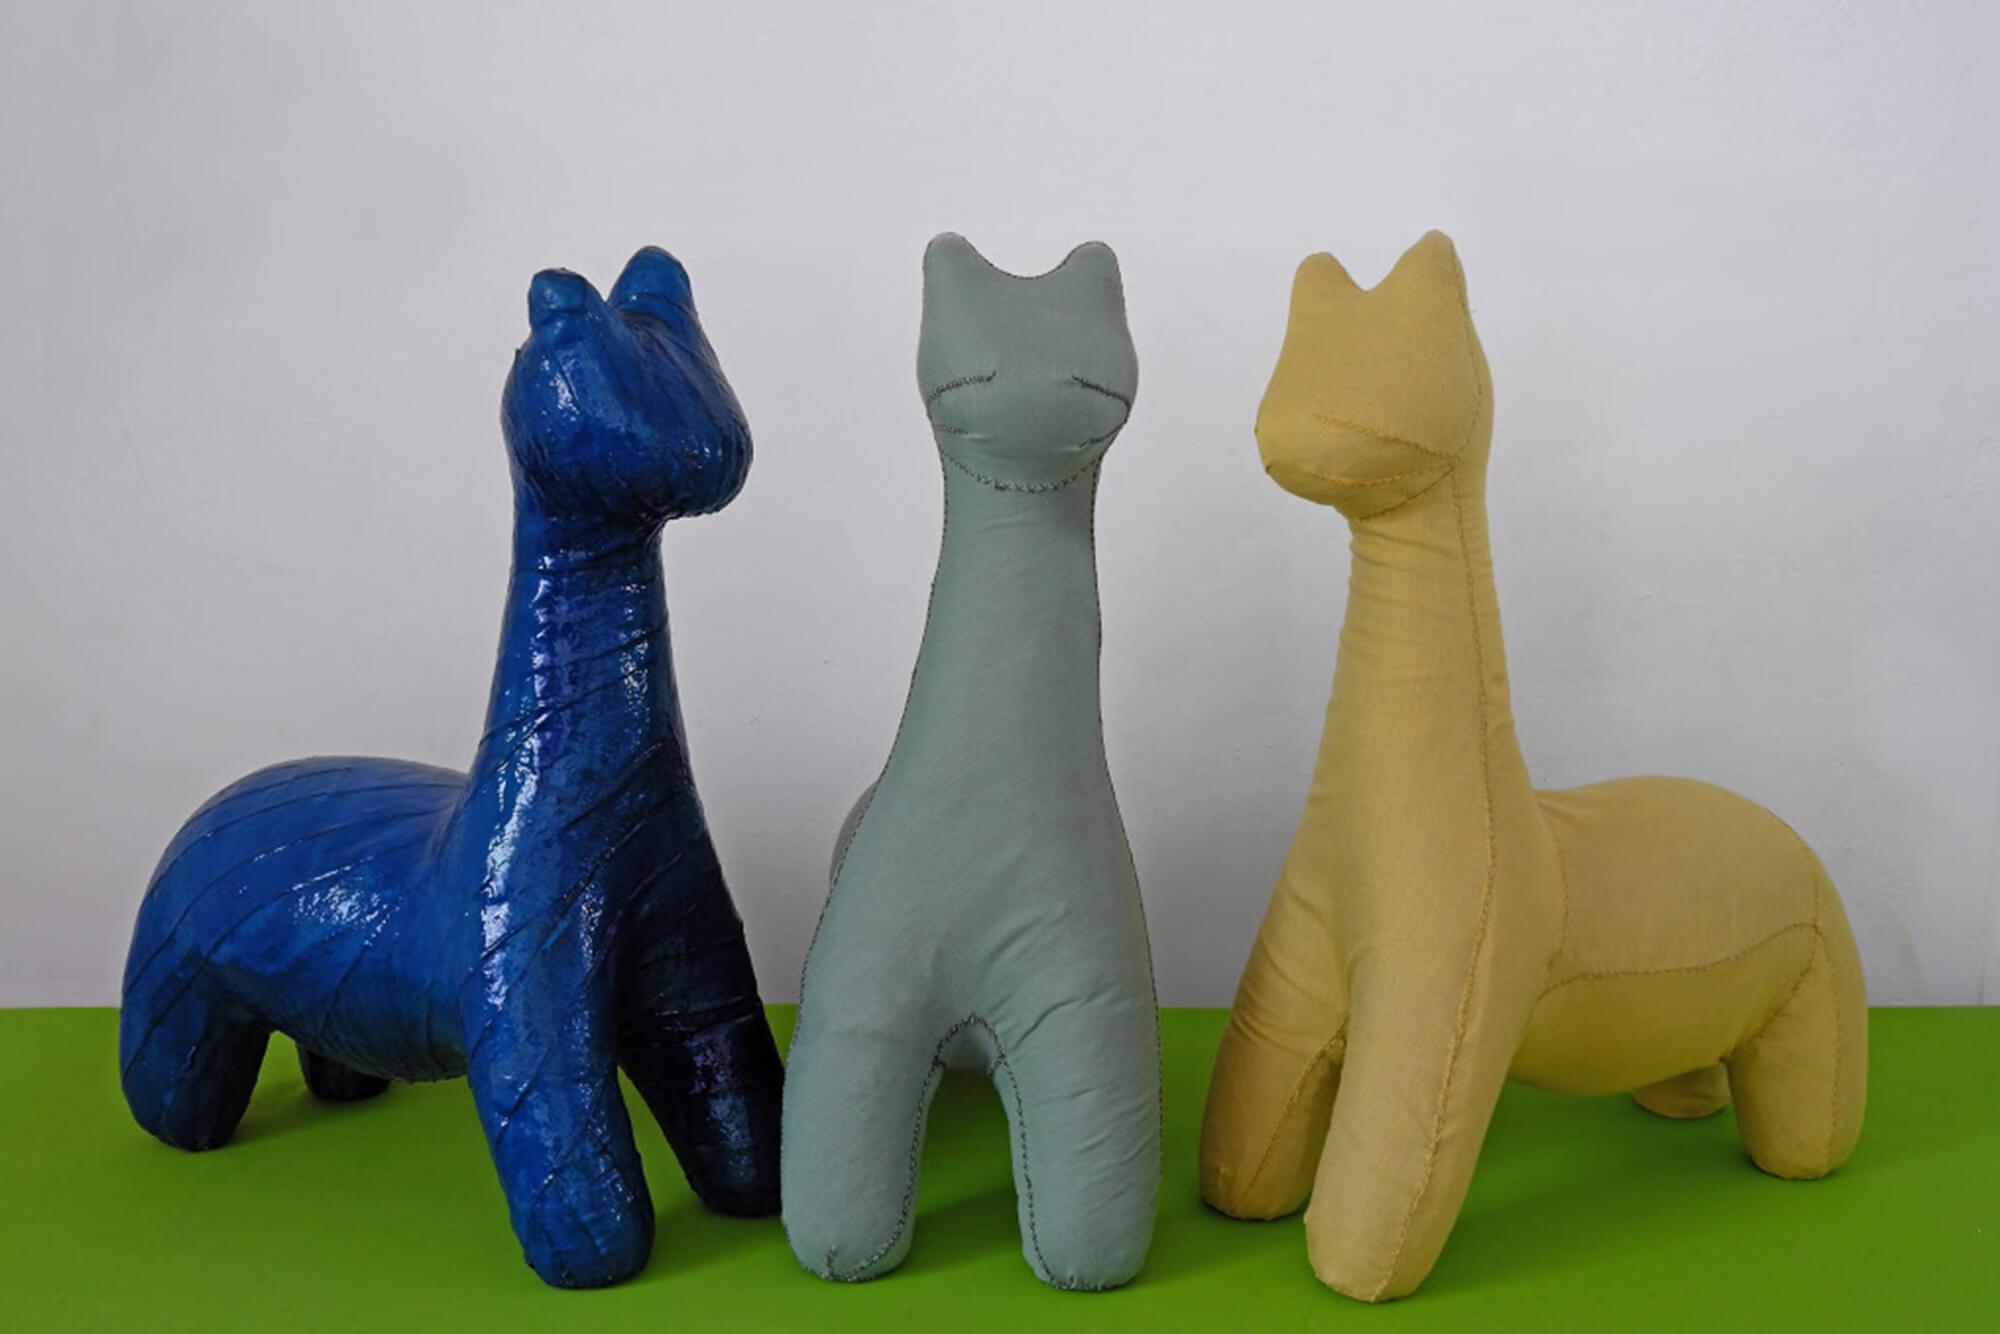 Pufs fabricados de telas Sunbrella por Nacho Carbonell en exhibición en la galería Rosana Orlandi